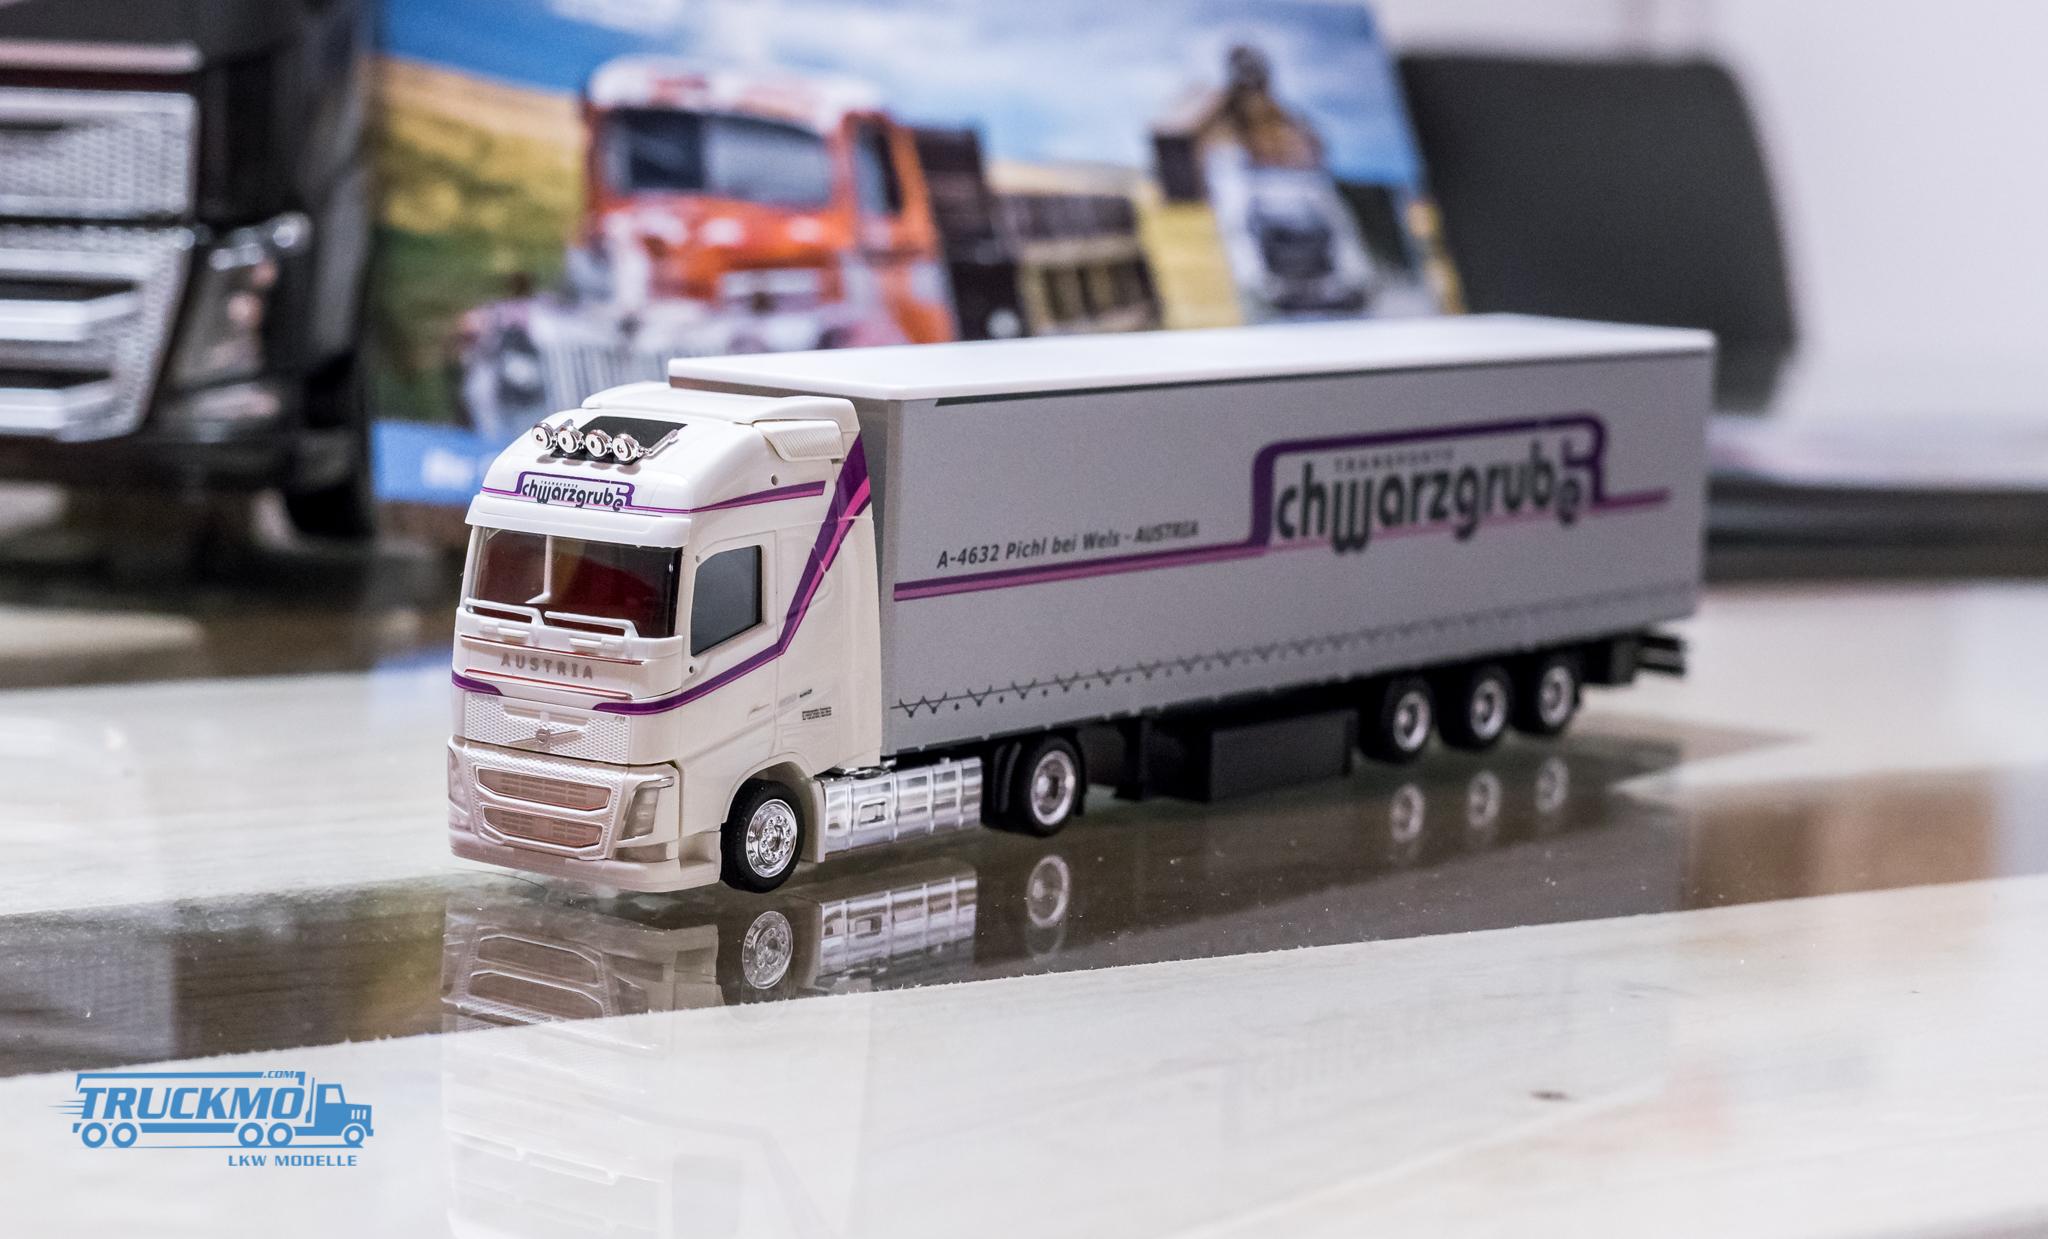 Herpa Schwarzgruber Volvo FH16 – Lkw-Modelle und Baumaschinen-Modelle Blog